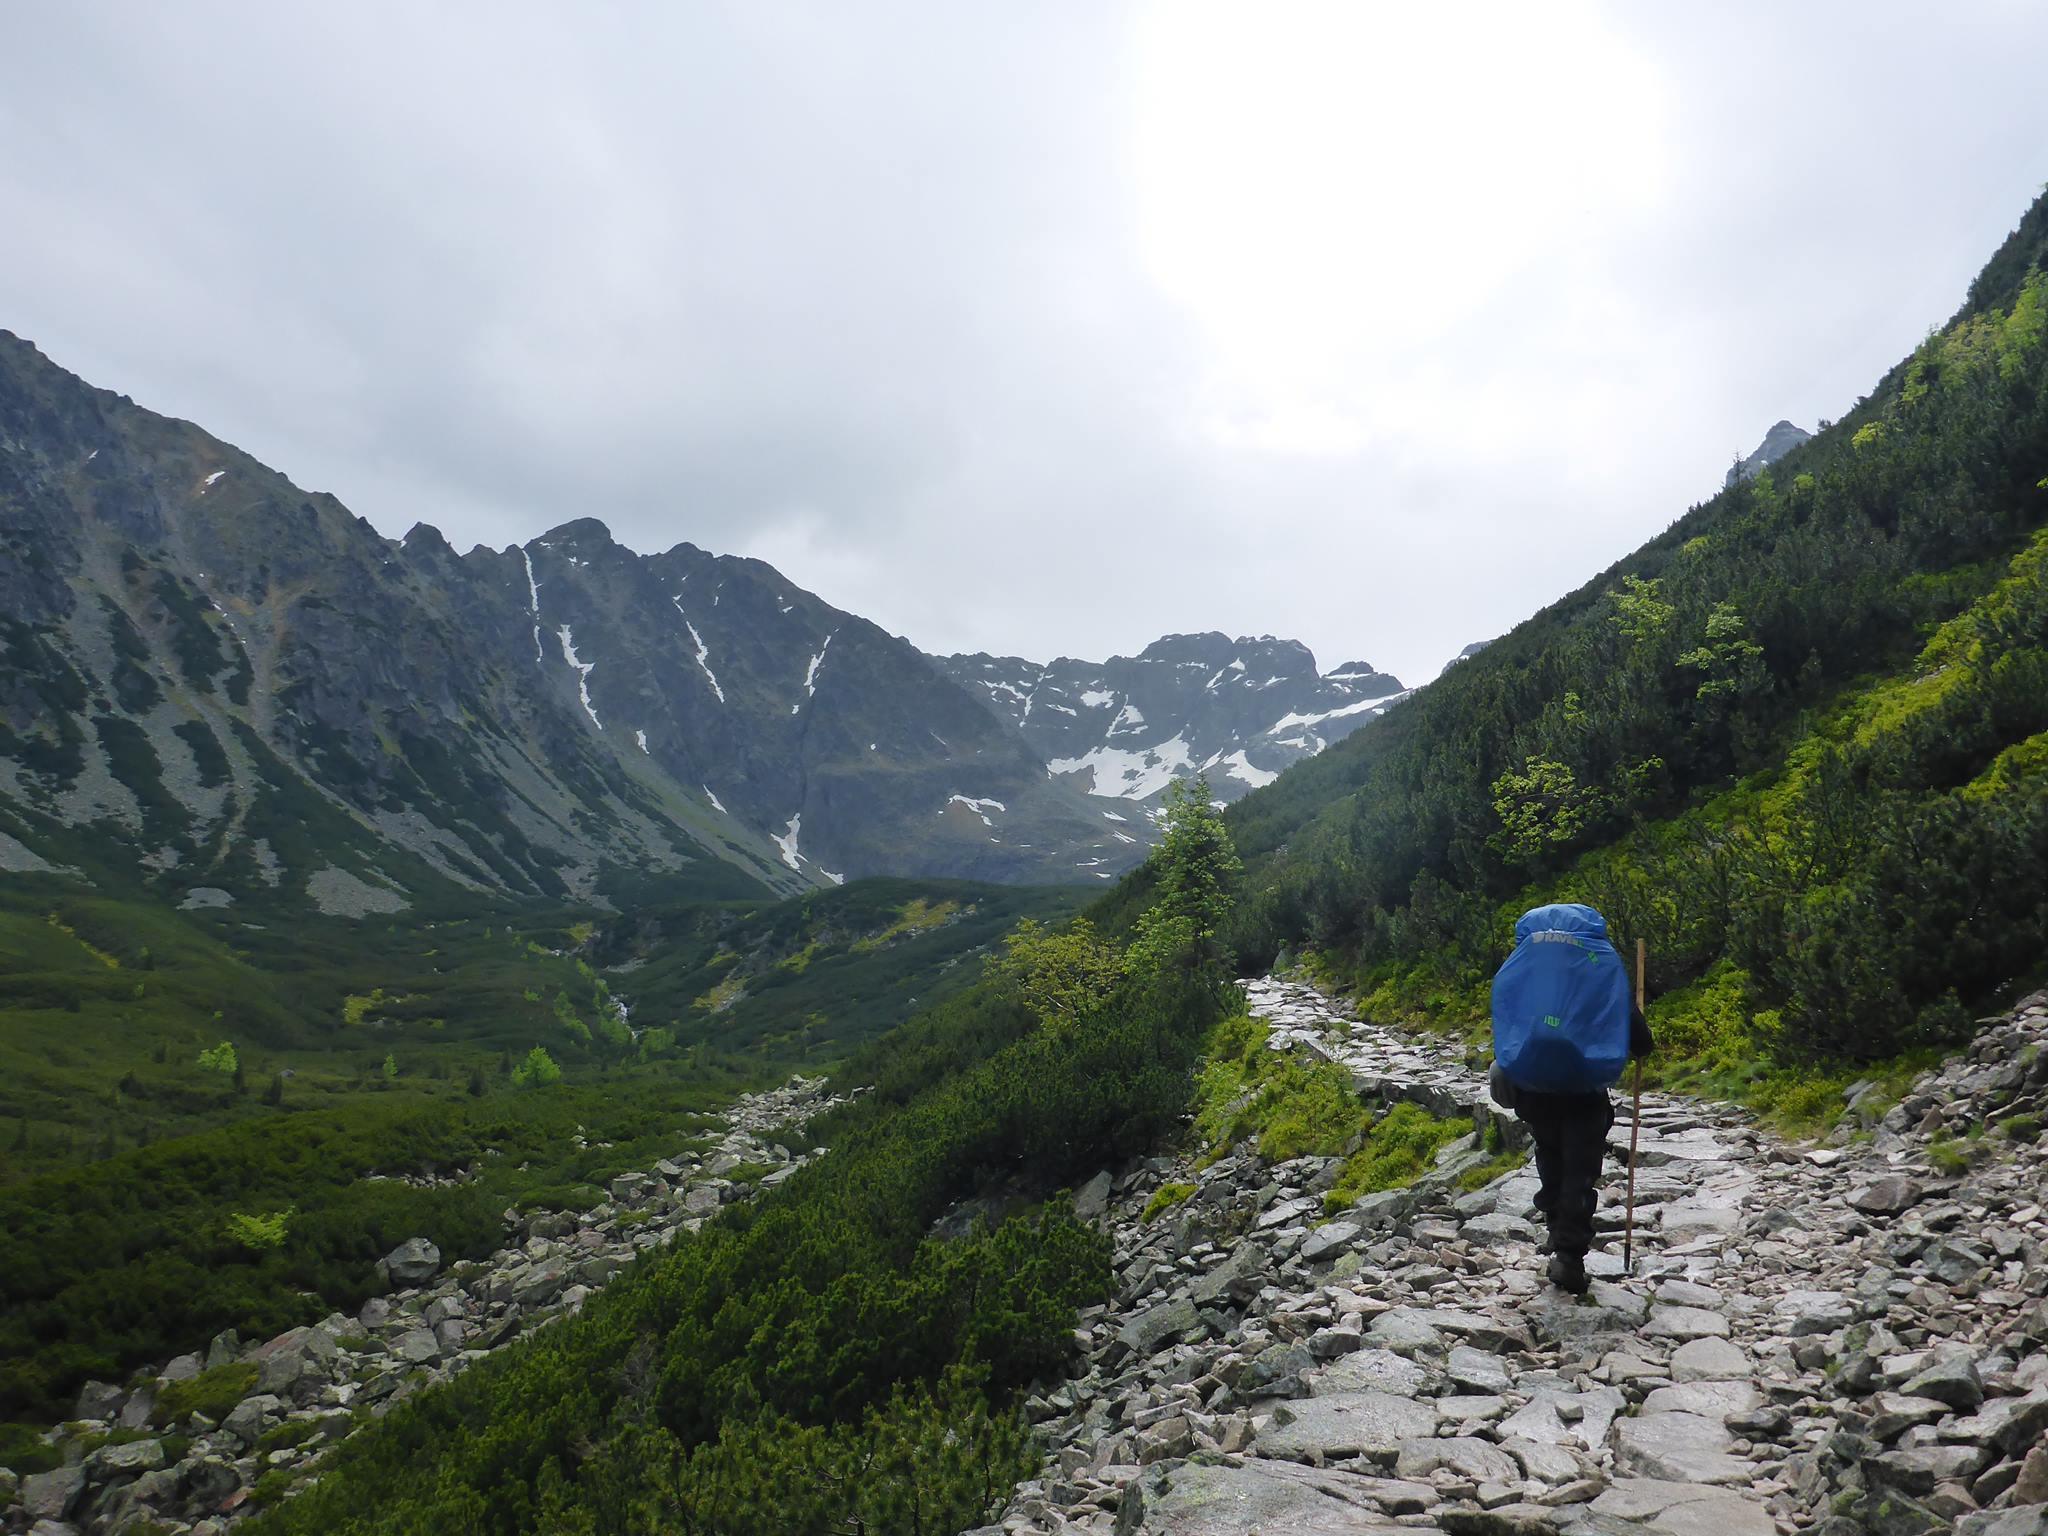 Je pars pour la seconde partie du massif des Tatras